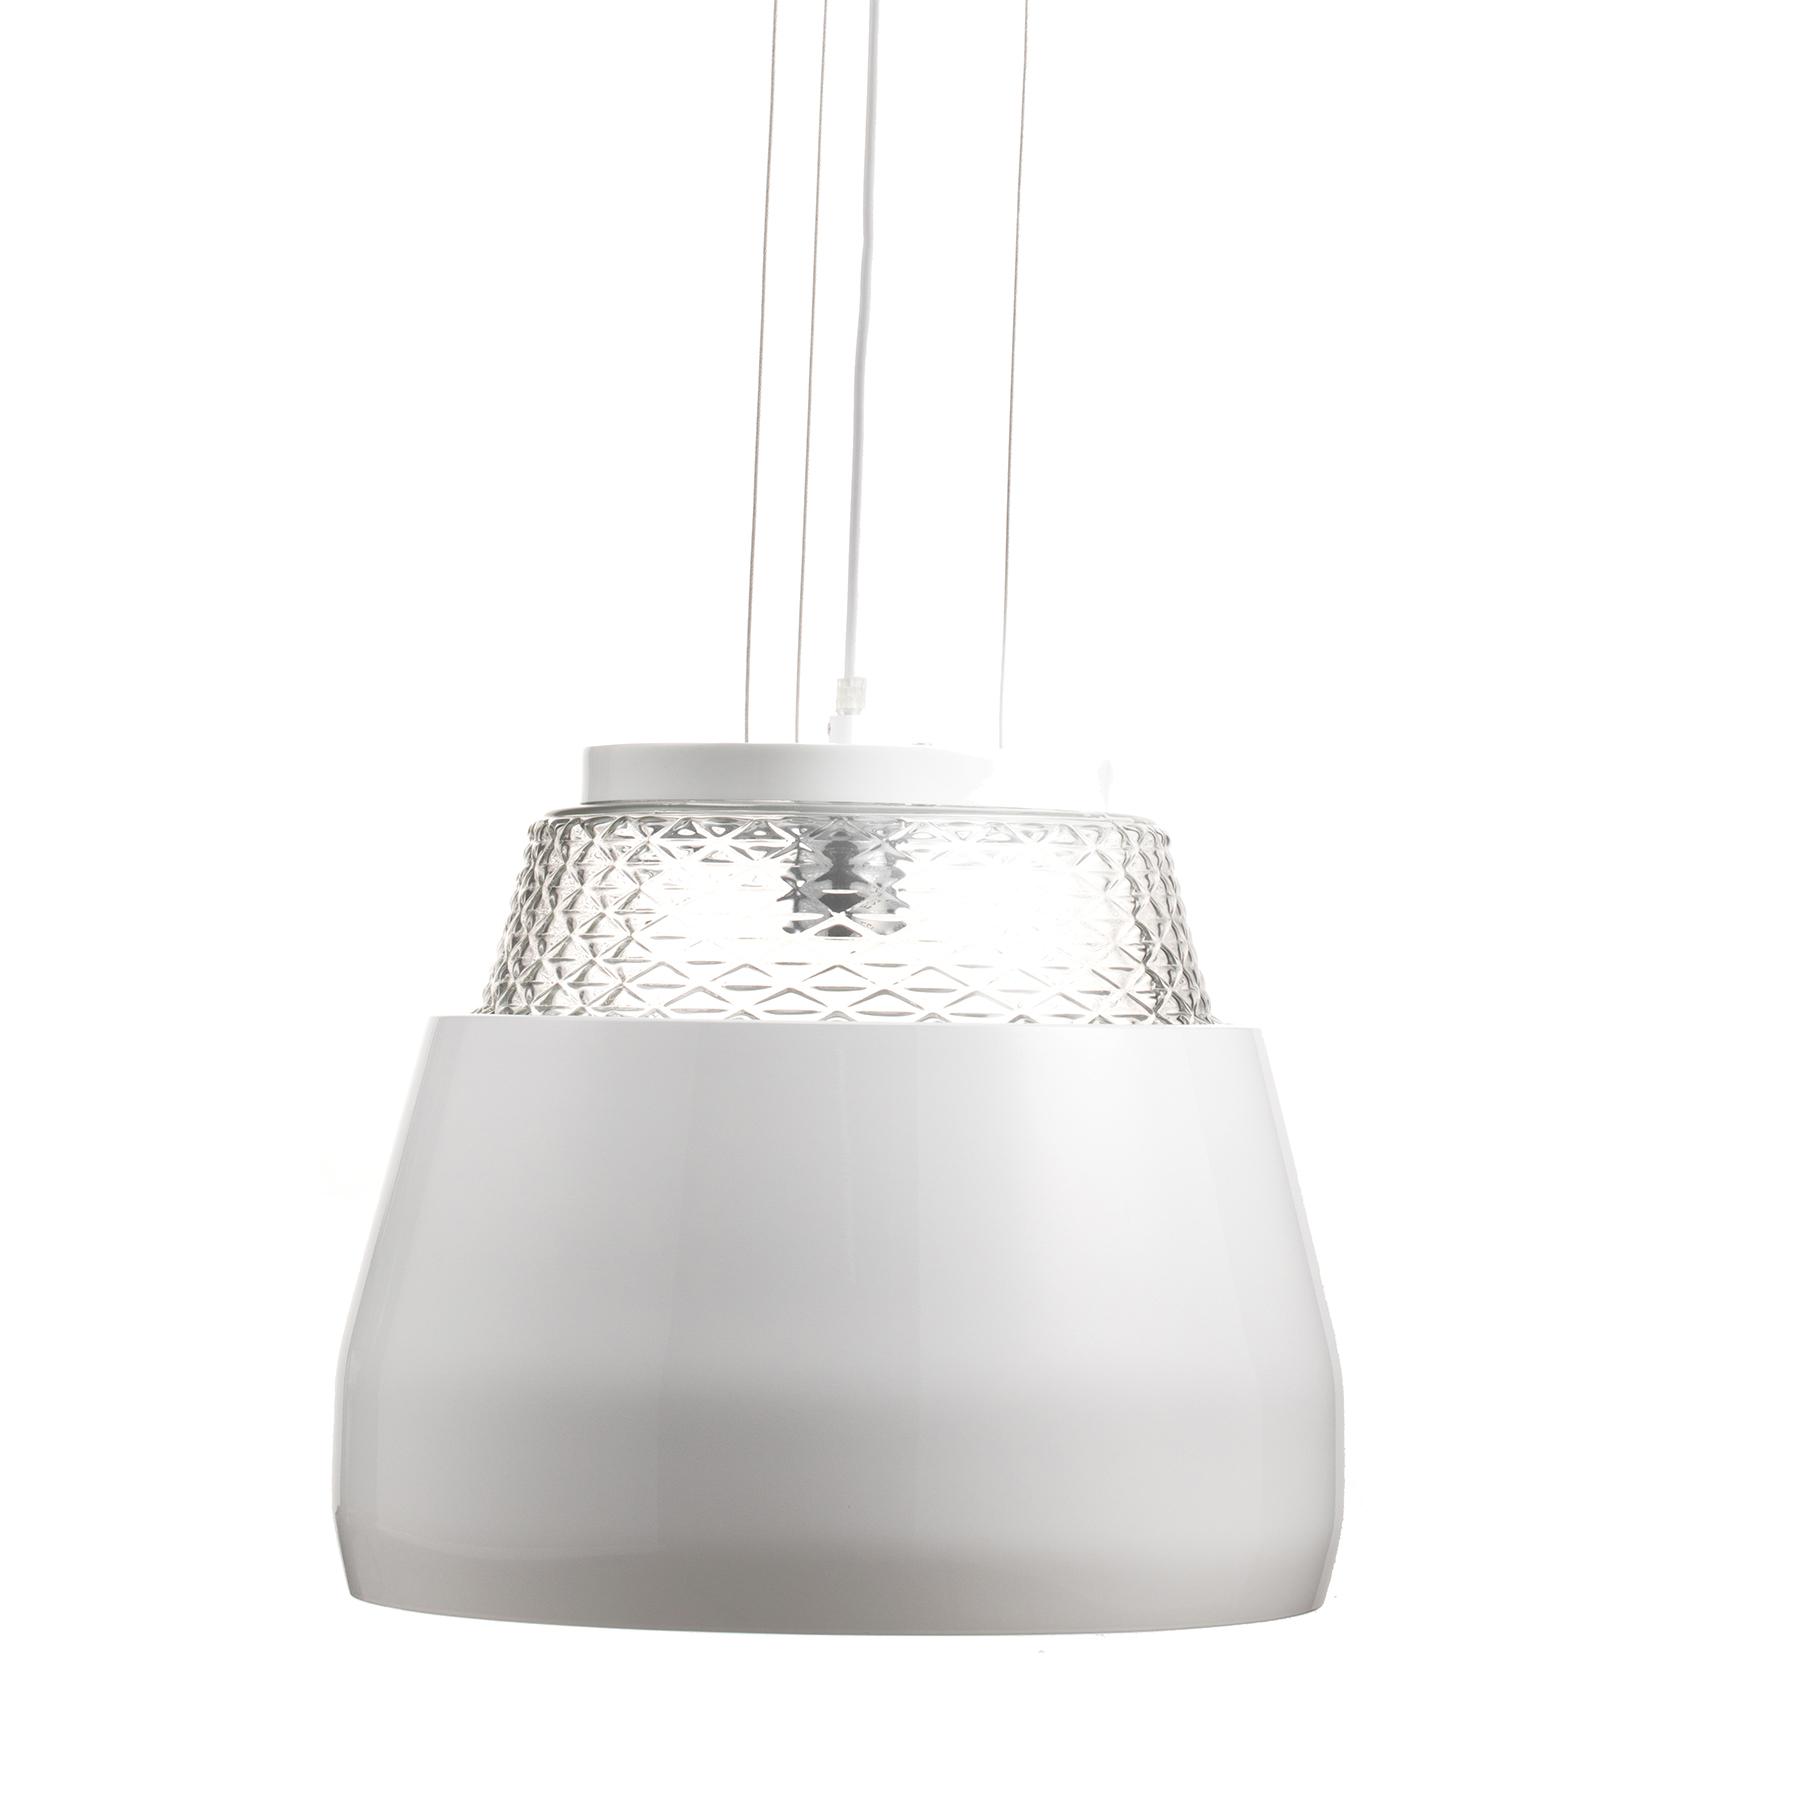 Купить Подвесной светильник Lennon белый большой, inmyroom, Китай